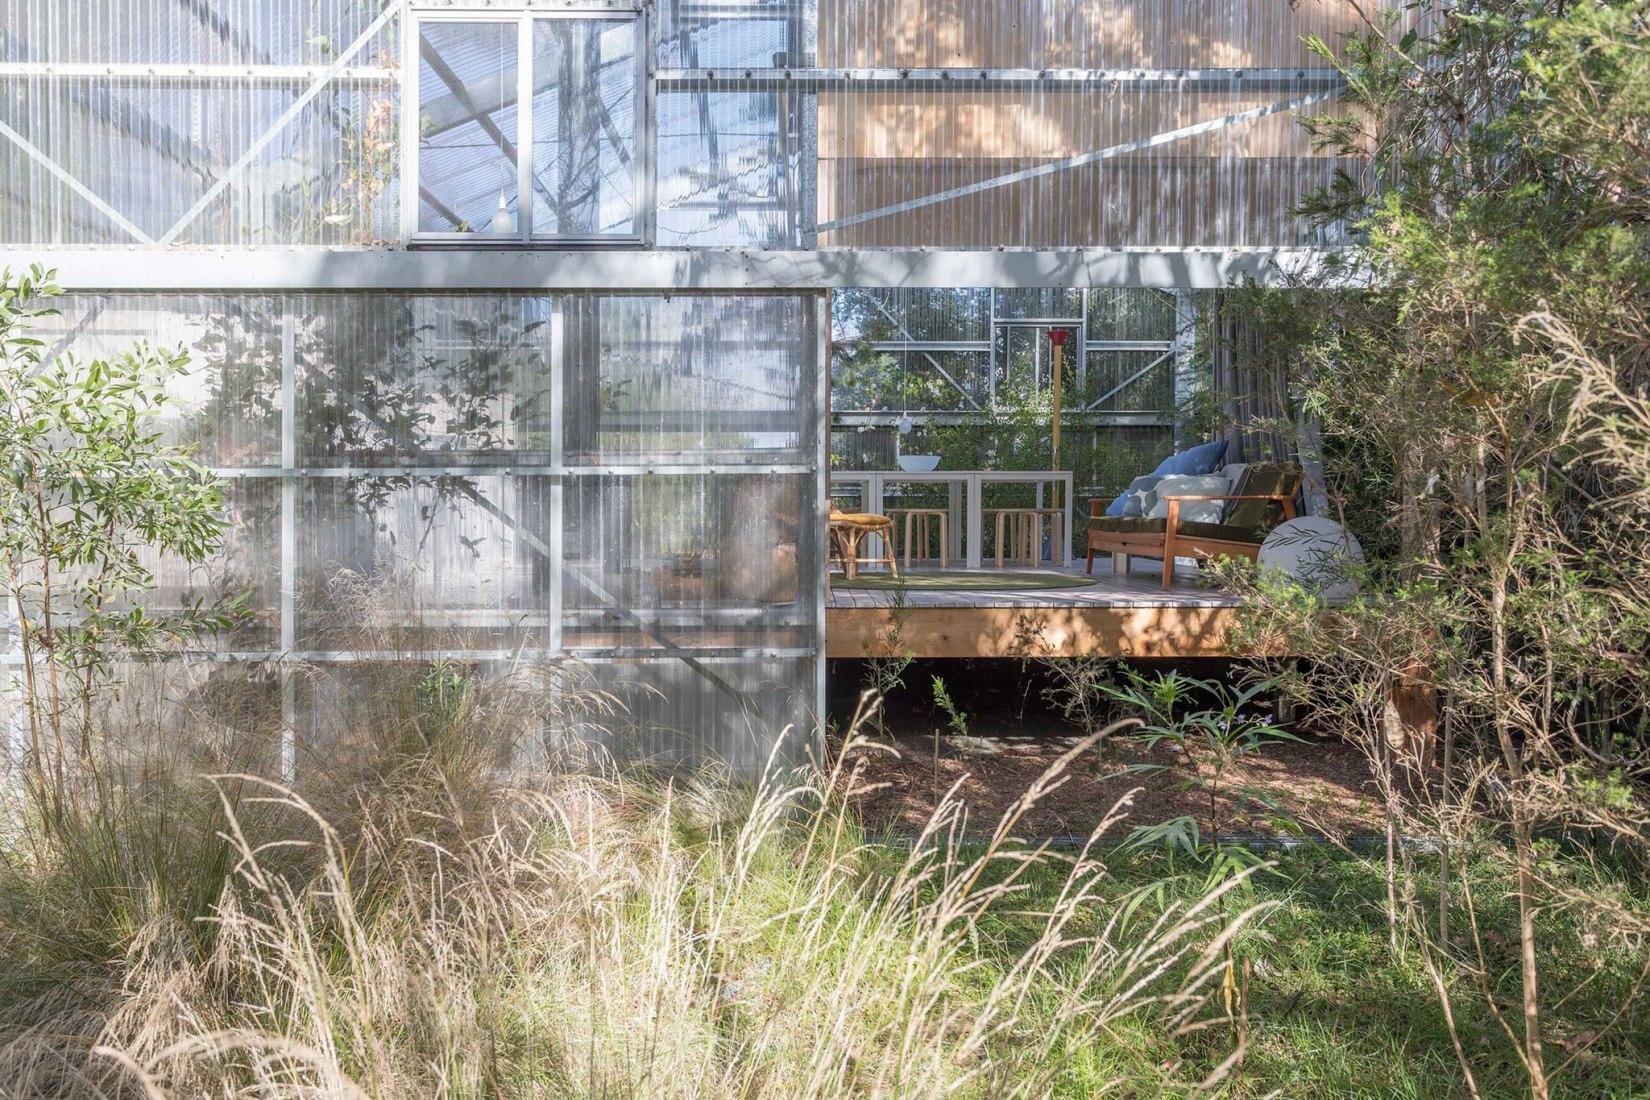 Ground (Casa Jardín), 2018 - Westernport, Victoria, Australia. Comisarios por Linda Tegg y Baracco + Wright Architects, con David Fox. Fotografía de © Linda Tegg